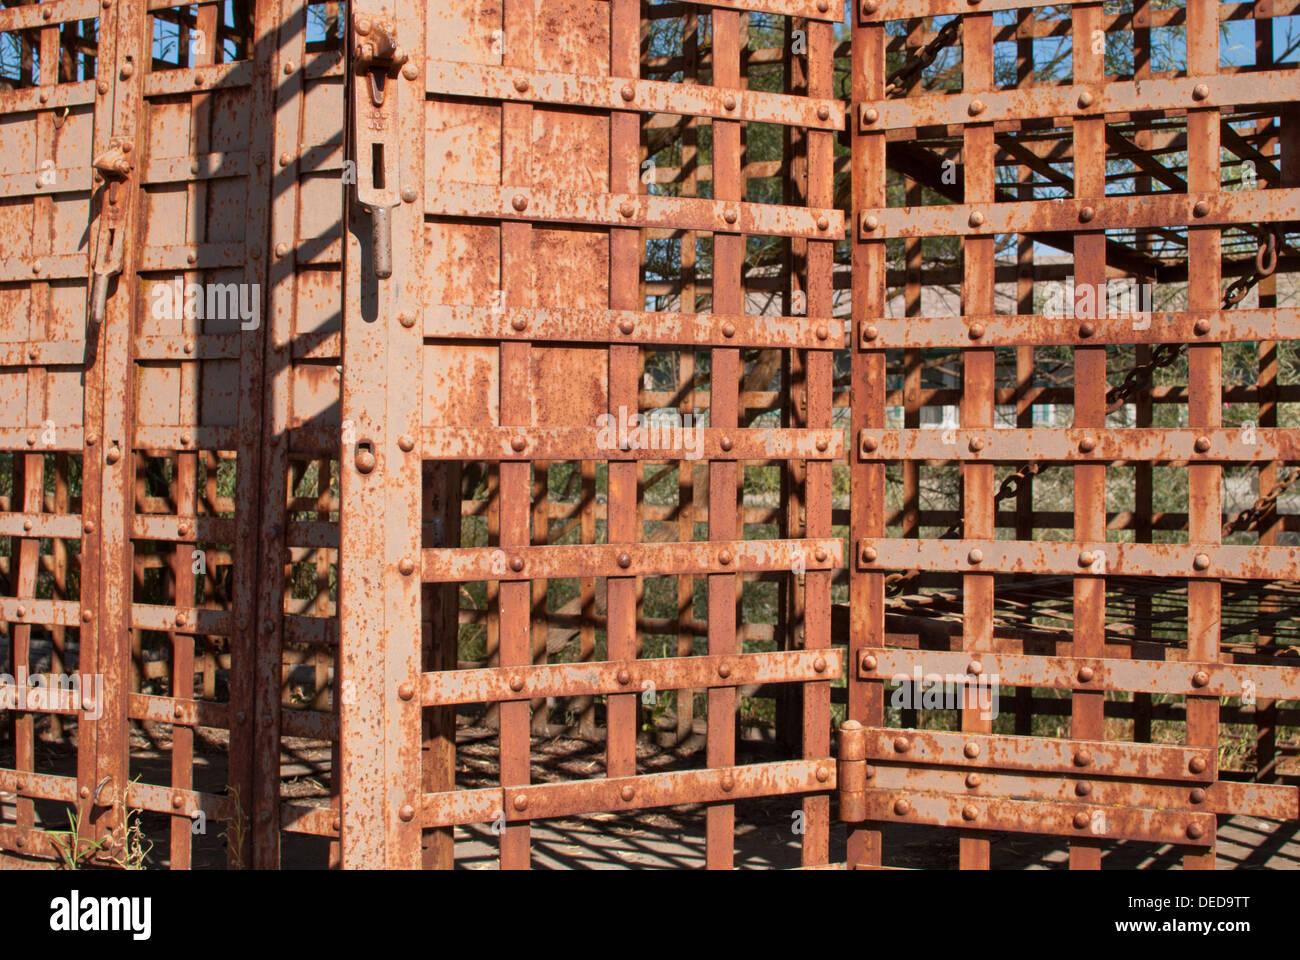 Washington County Jail Stock Photos & Washington County Jail Stock